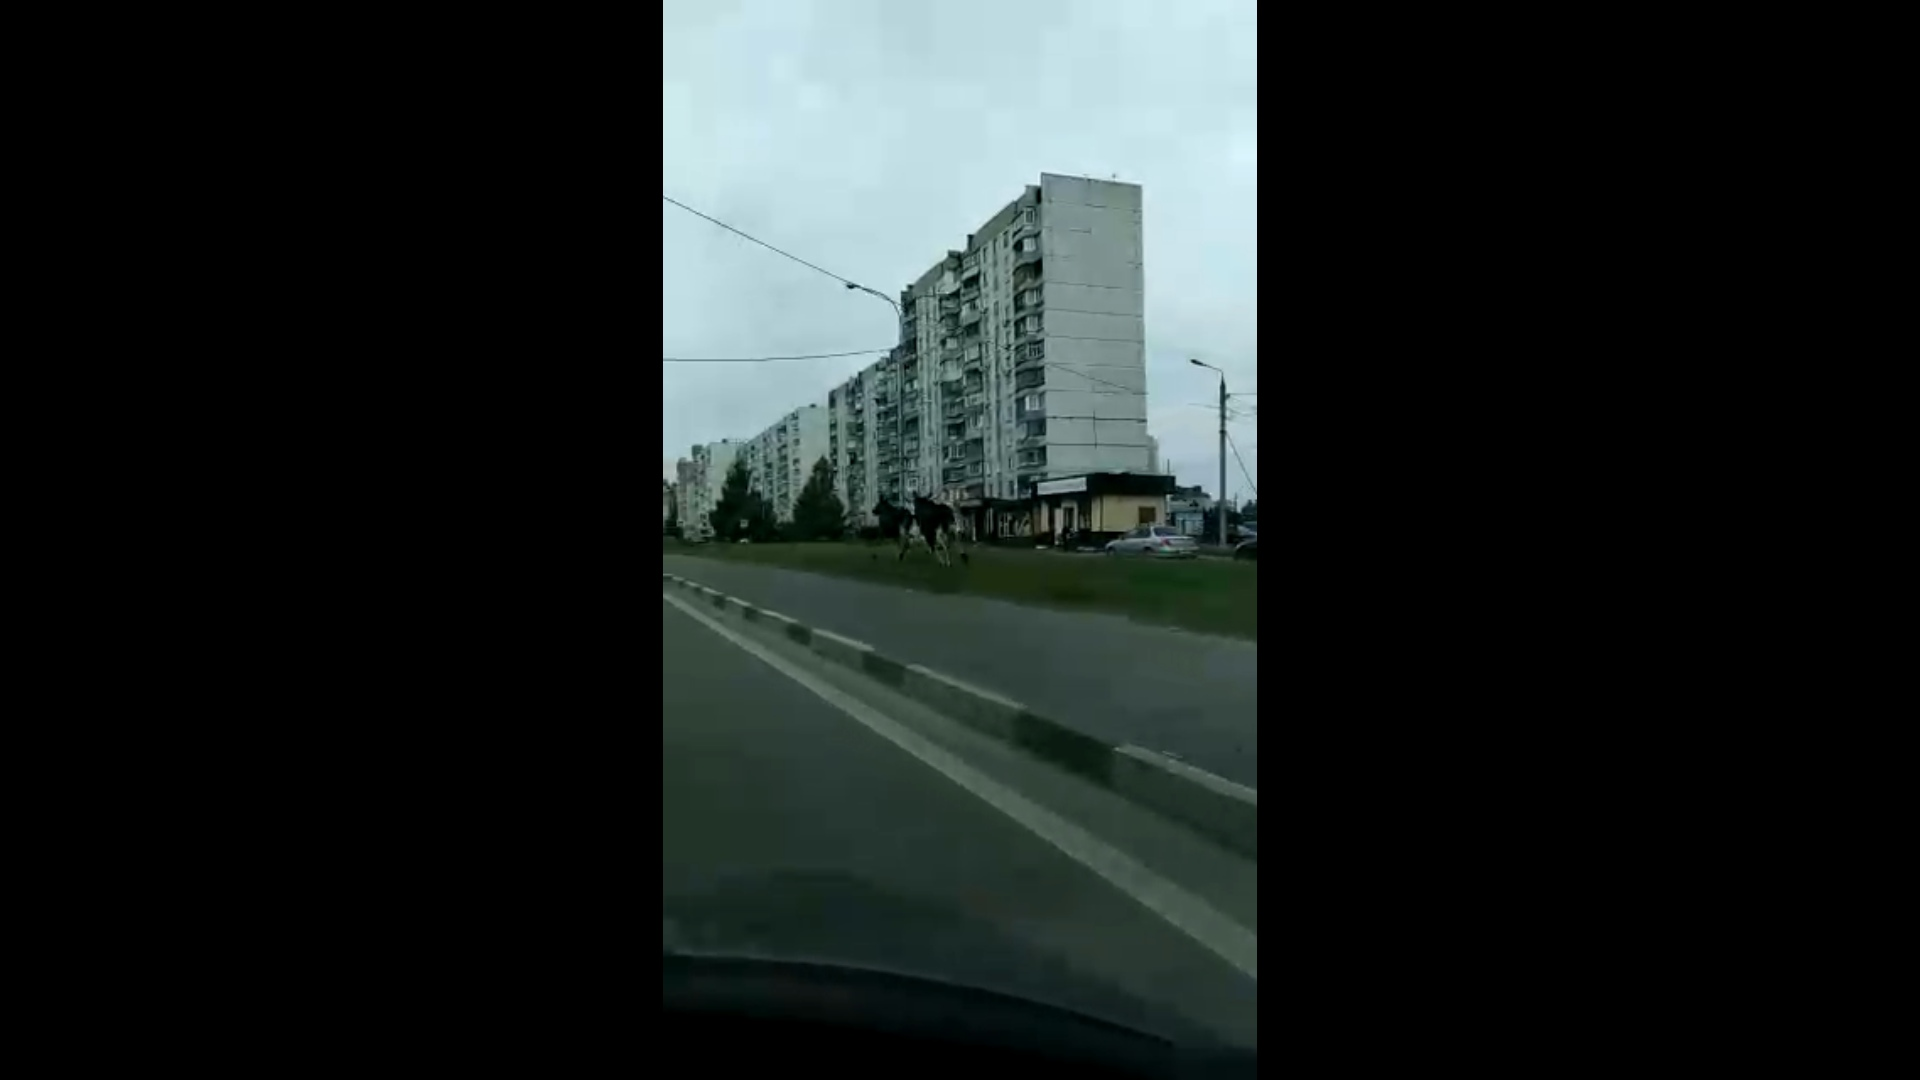 «Видимо, кто-то выгуливает»: в Ярославле на проспекте Фрунзе носились два лося